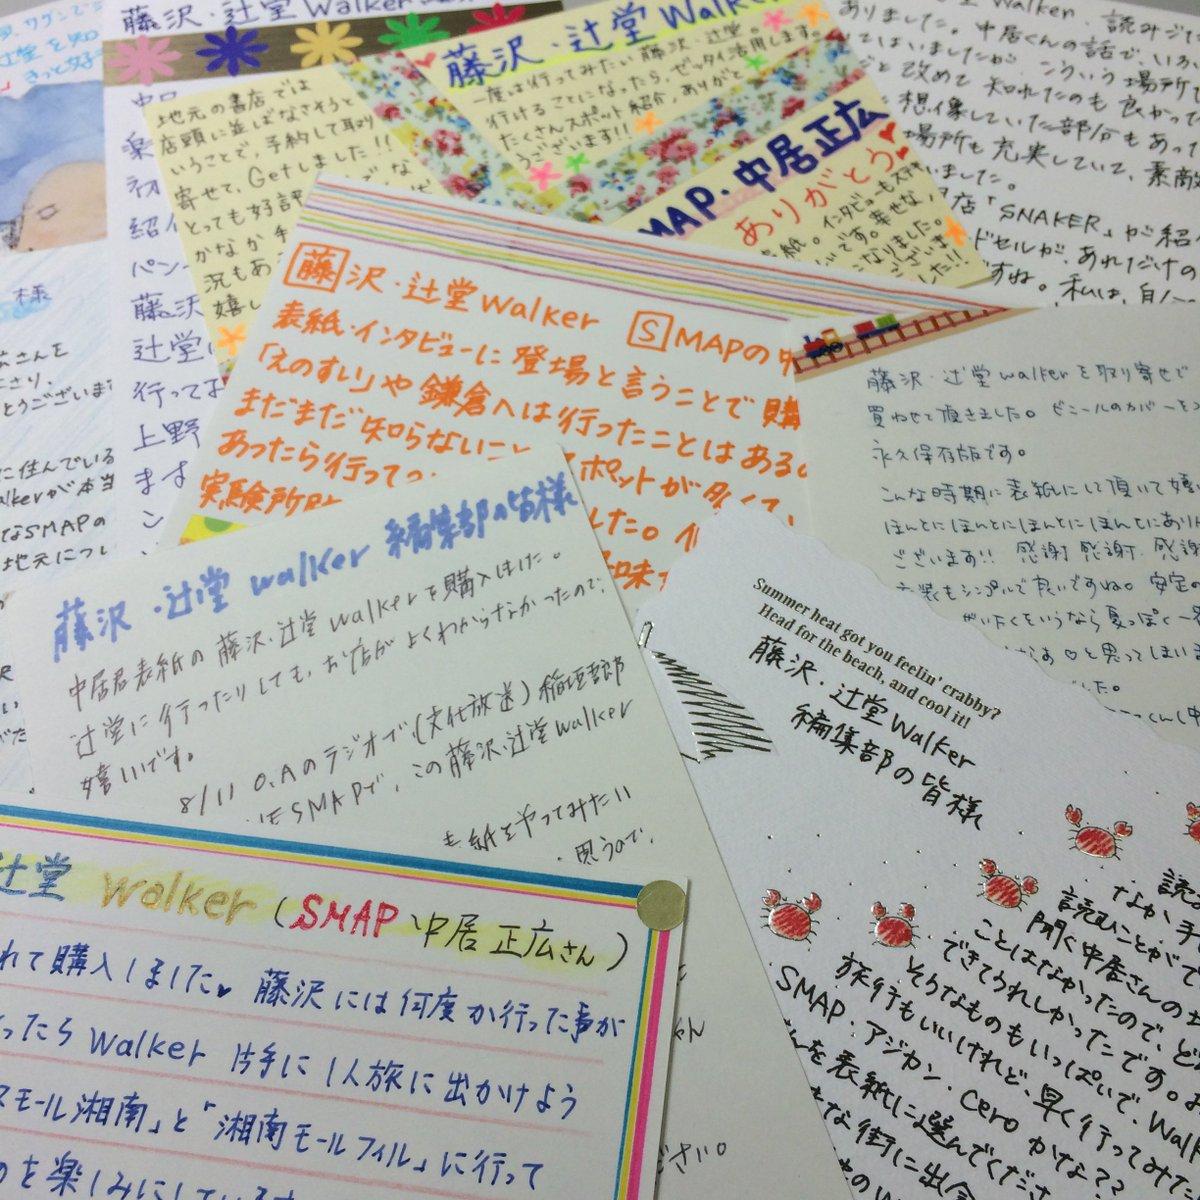 SMAPの中居正広さんが表紙を飾る「藤沢・辻堂Walker」。おかげさまで9/2に第三刷りが出ました。読者の皆様からのハガキも編集部にたくさん届き、本当に感謝です。ありがとうございました!! https://t.co/cSlNGBp5vI